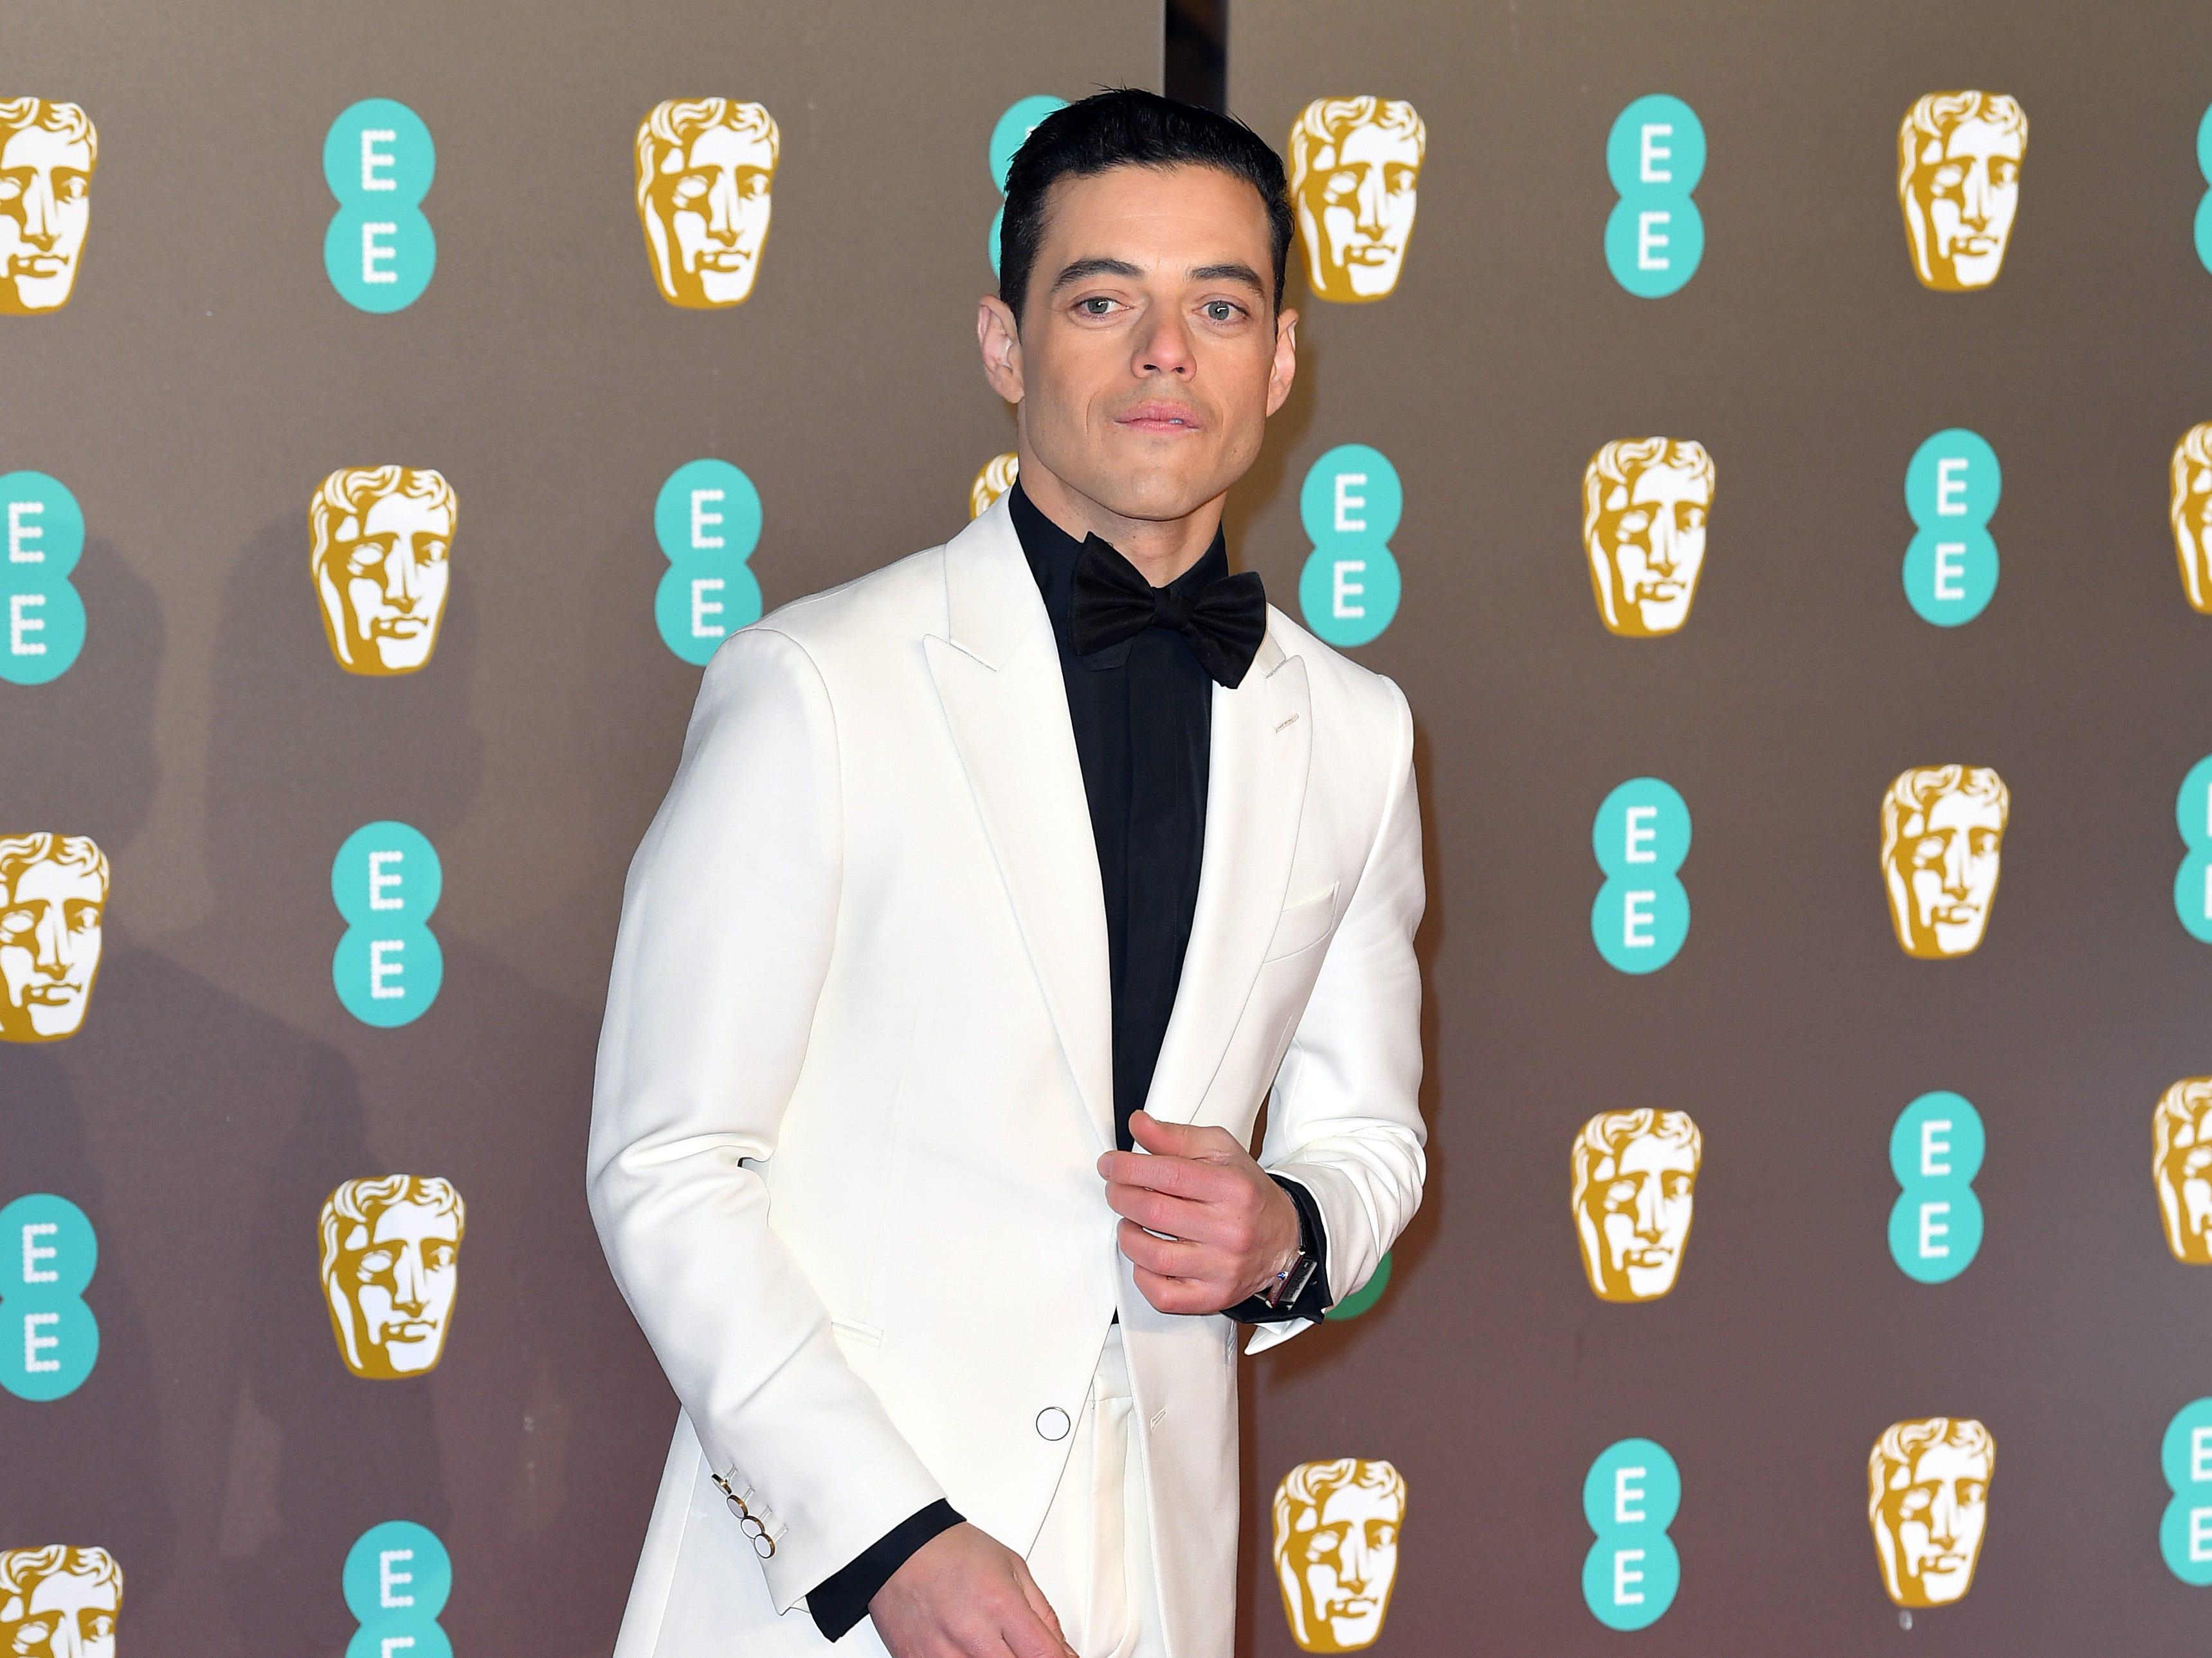 Rami Malek a su llegada a la alfombra roja de los Premios de la Academia Británica de Cine BAFTA en el Royal Albert Hall en Londres el 10 de febrero de 2019.